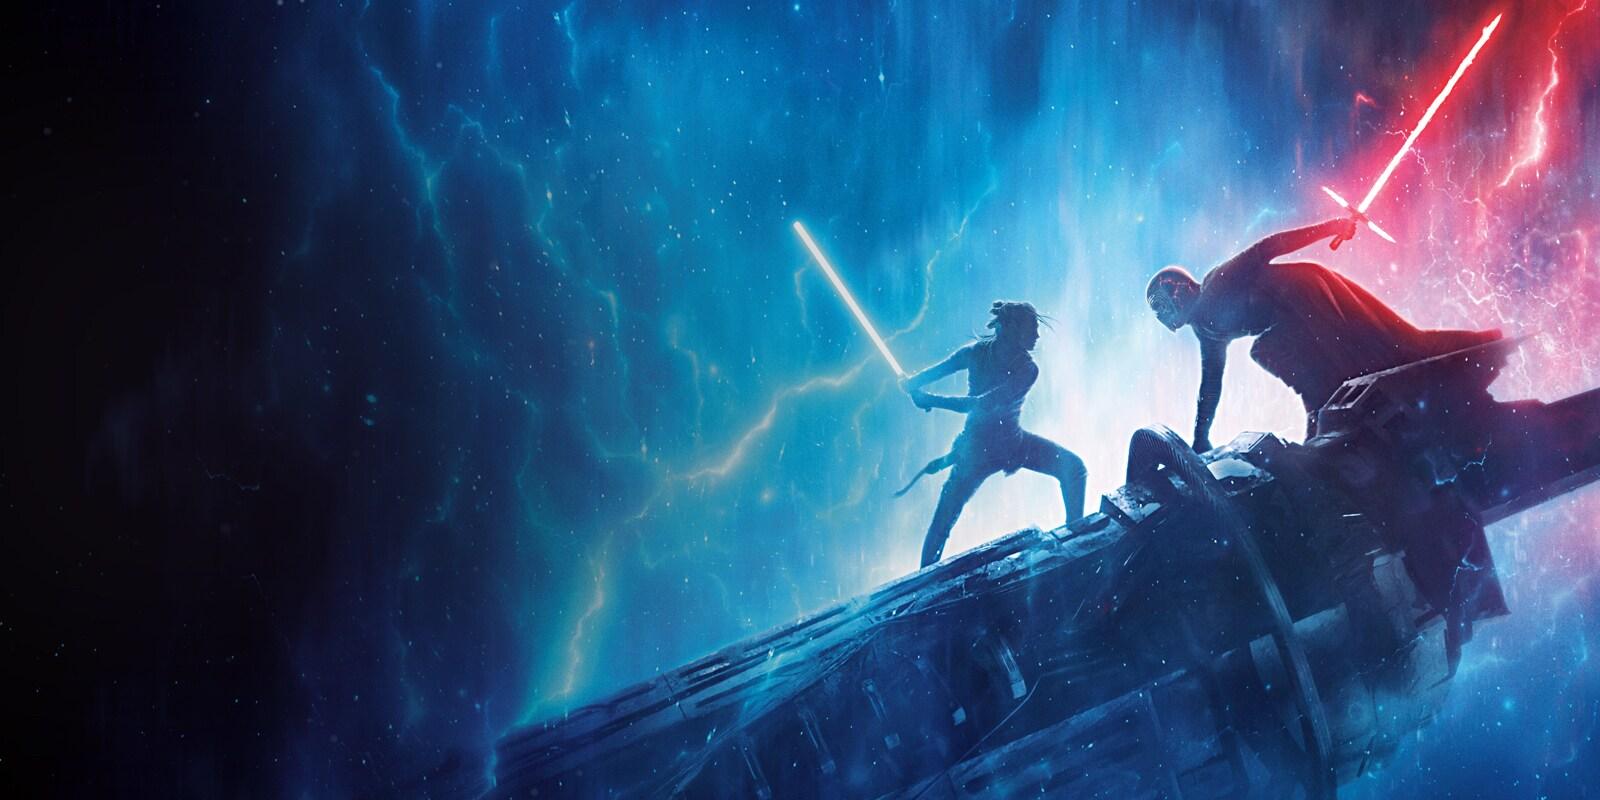 Rey et Kylo Ren s'affrontant au sabre laser sur des débris